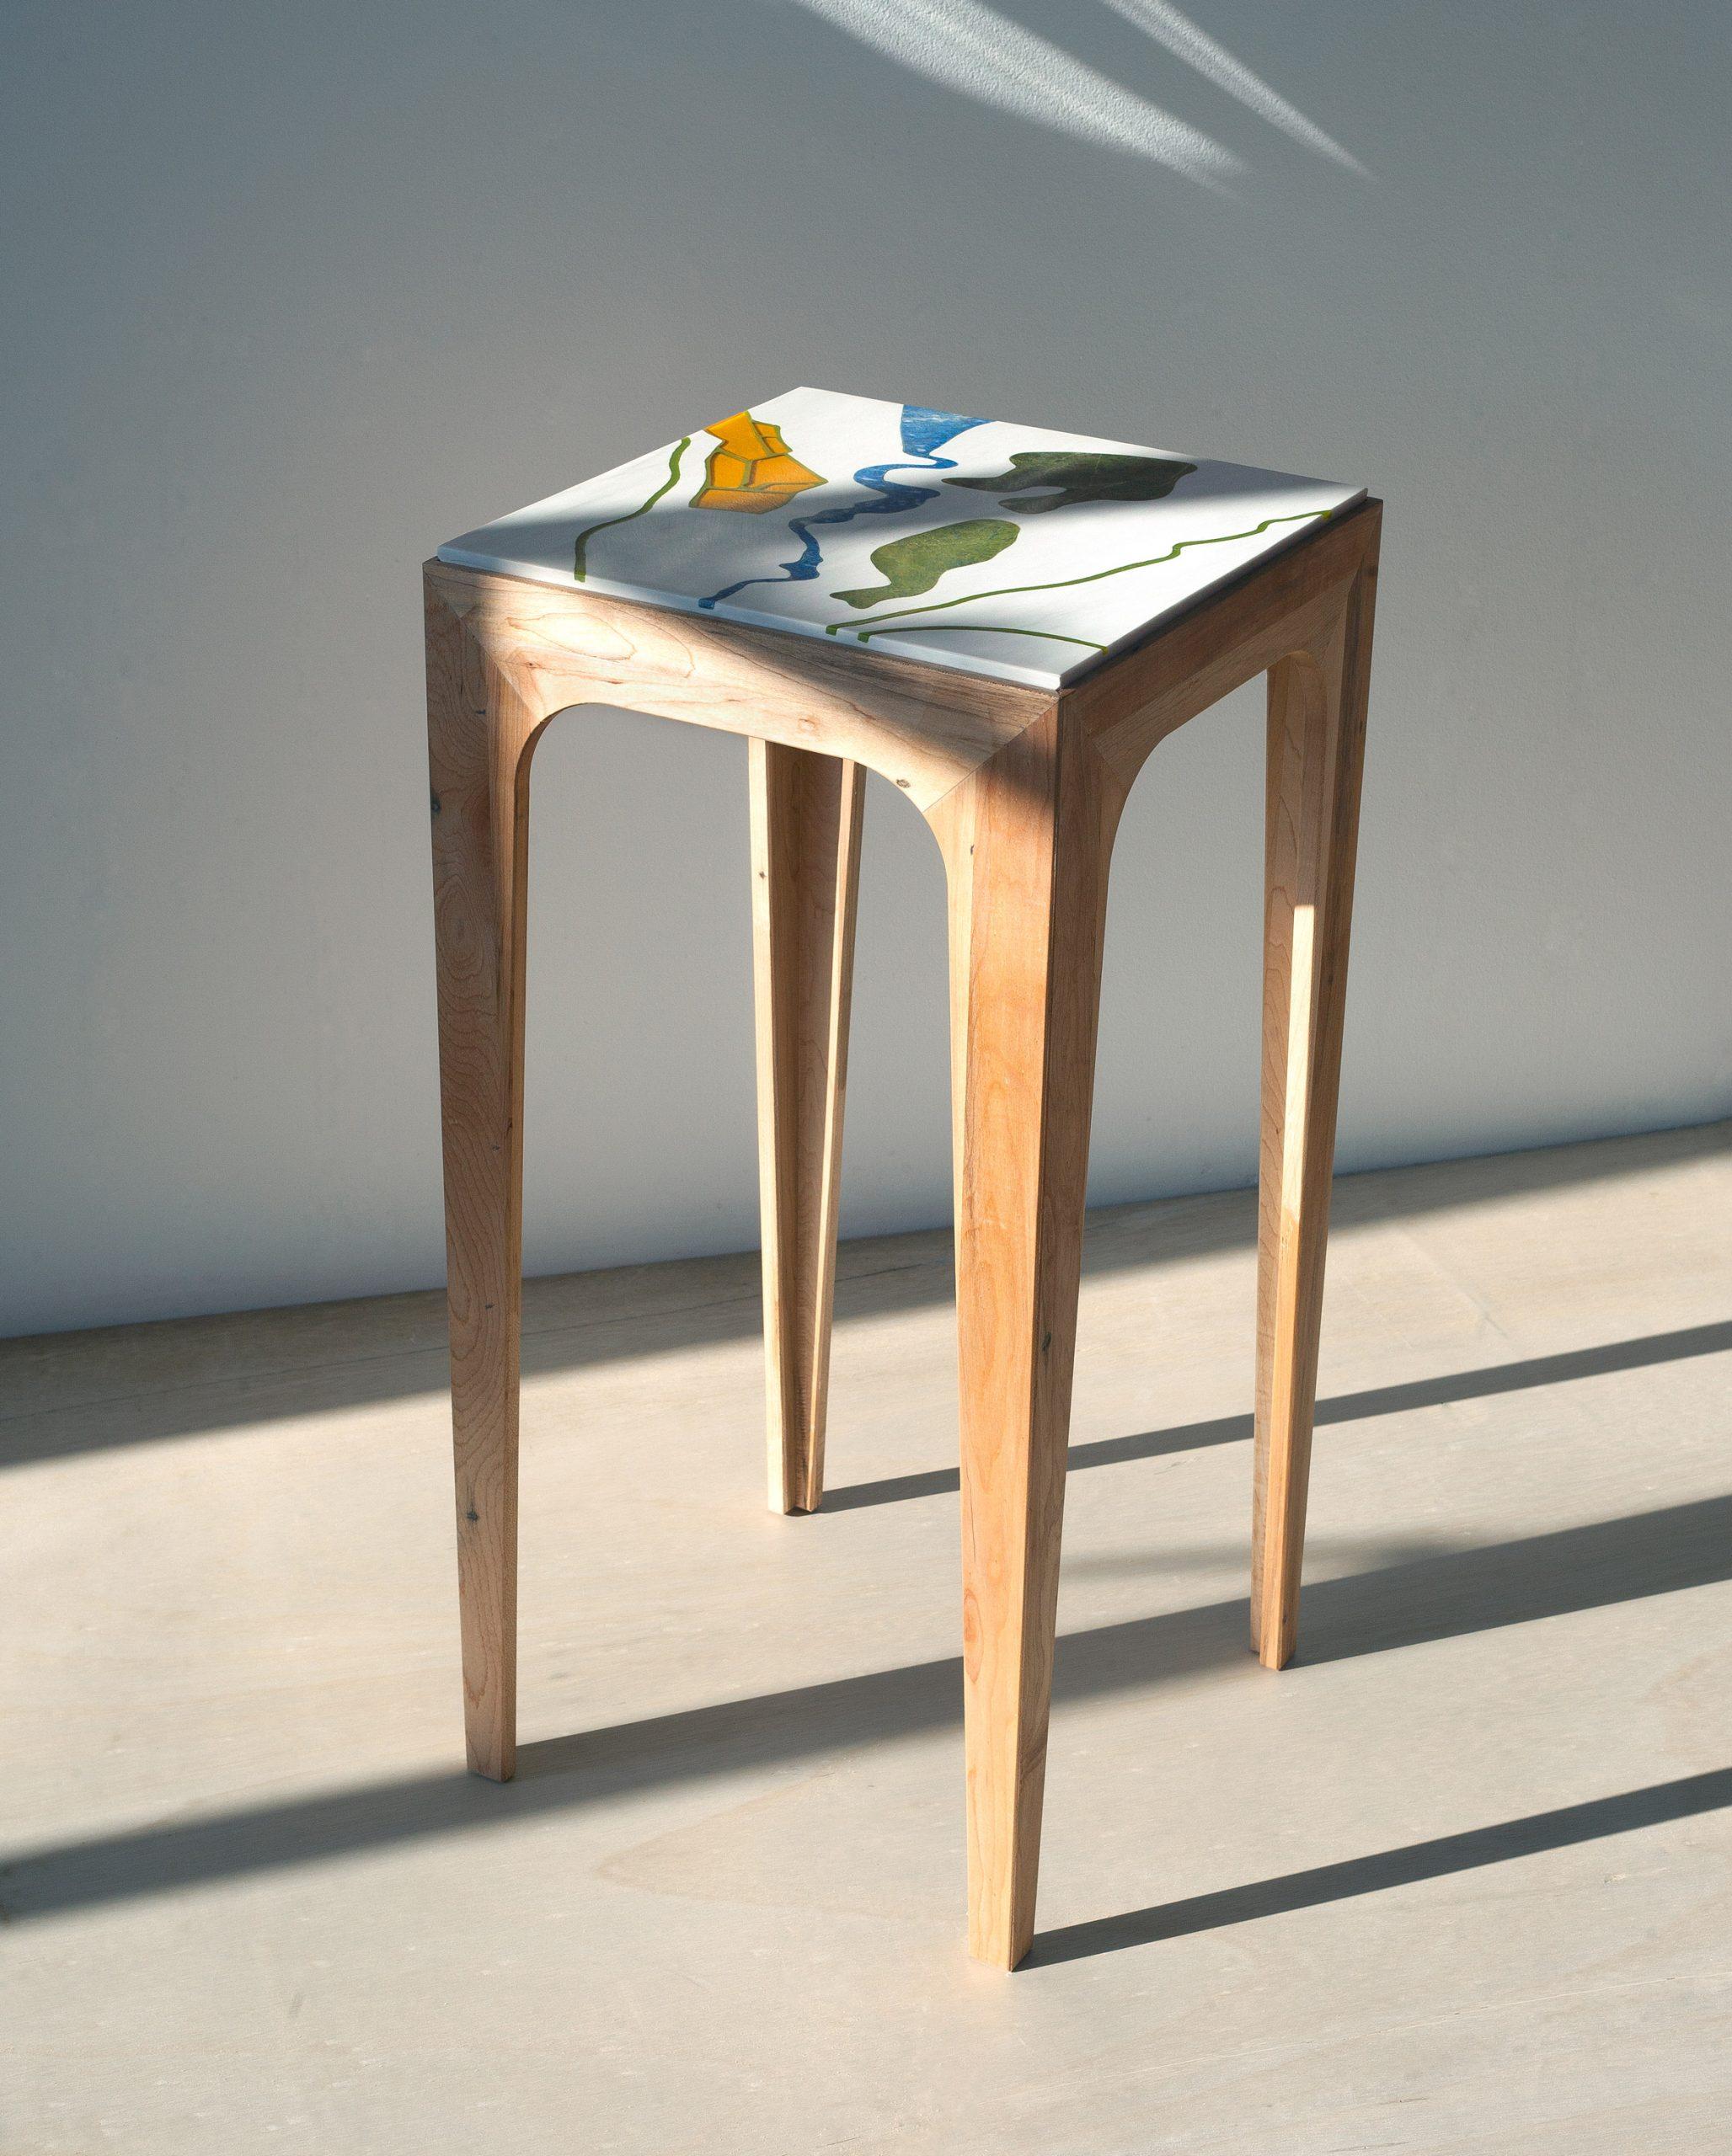 ISHKAR furniture